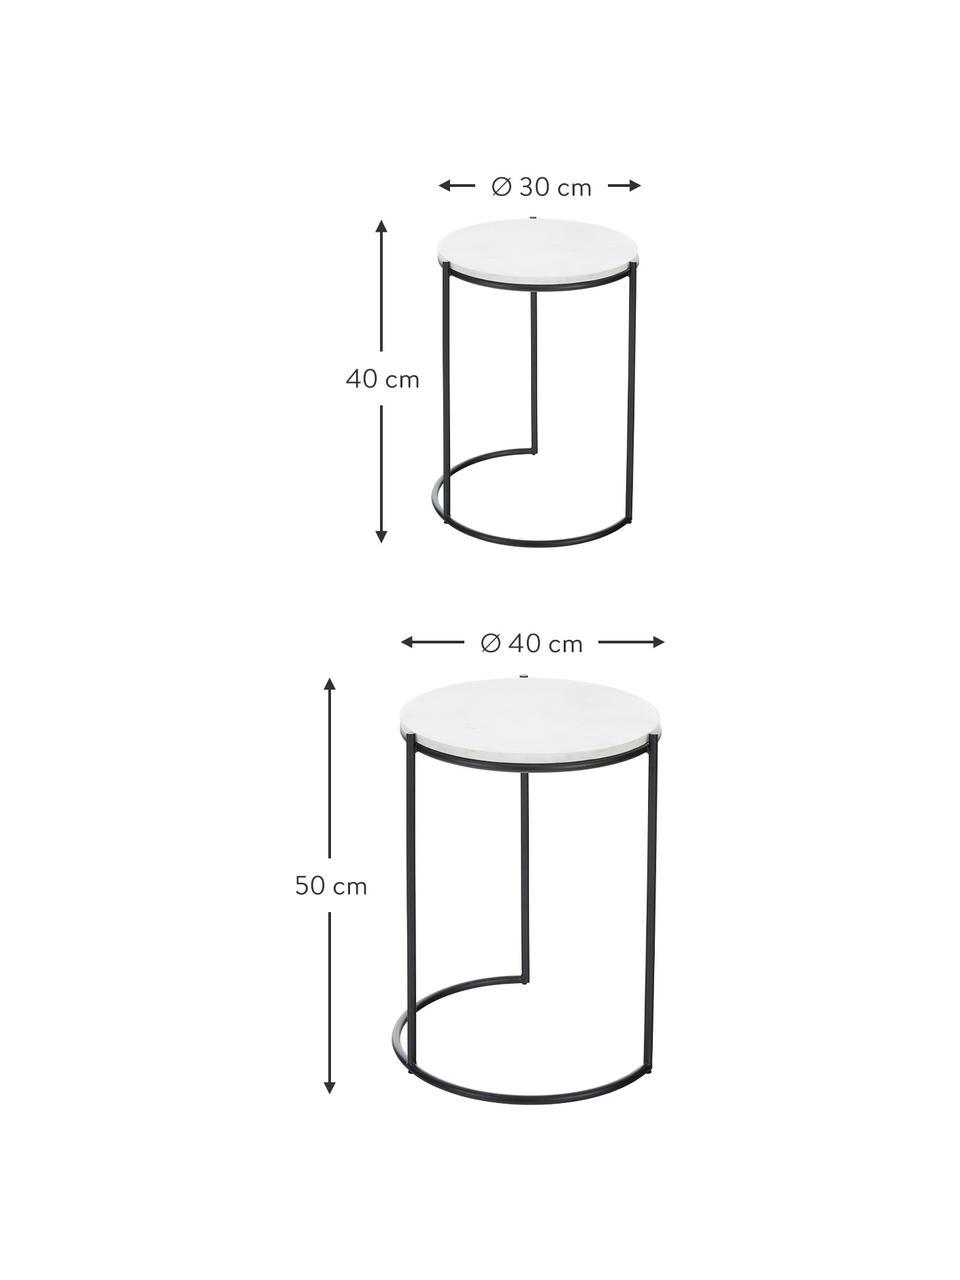 Marmeren bijzettafelset Ella, 2-delig, Frame: gepoedercoat metaal, Tafelbladen: wit marmer. Frame: mat zwart, Set met verschillende formaten